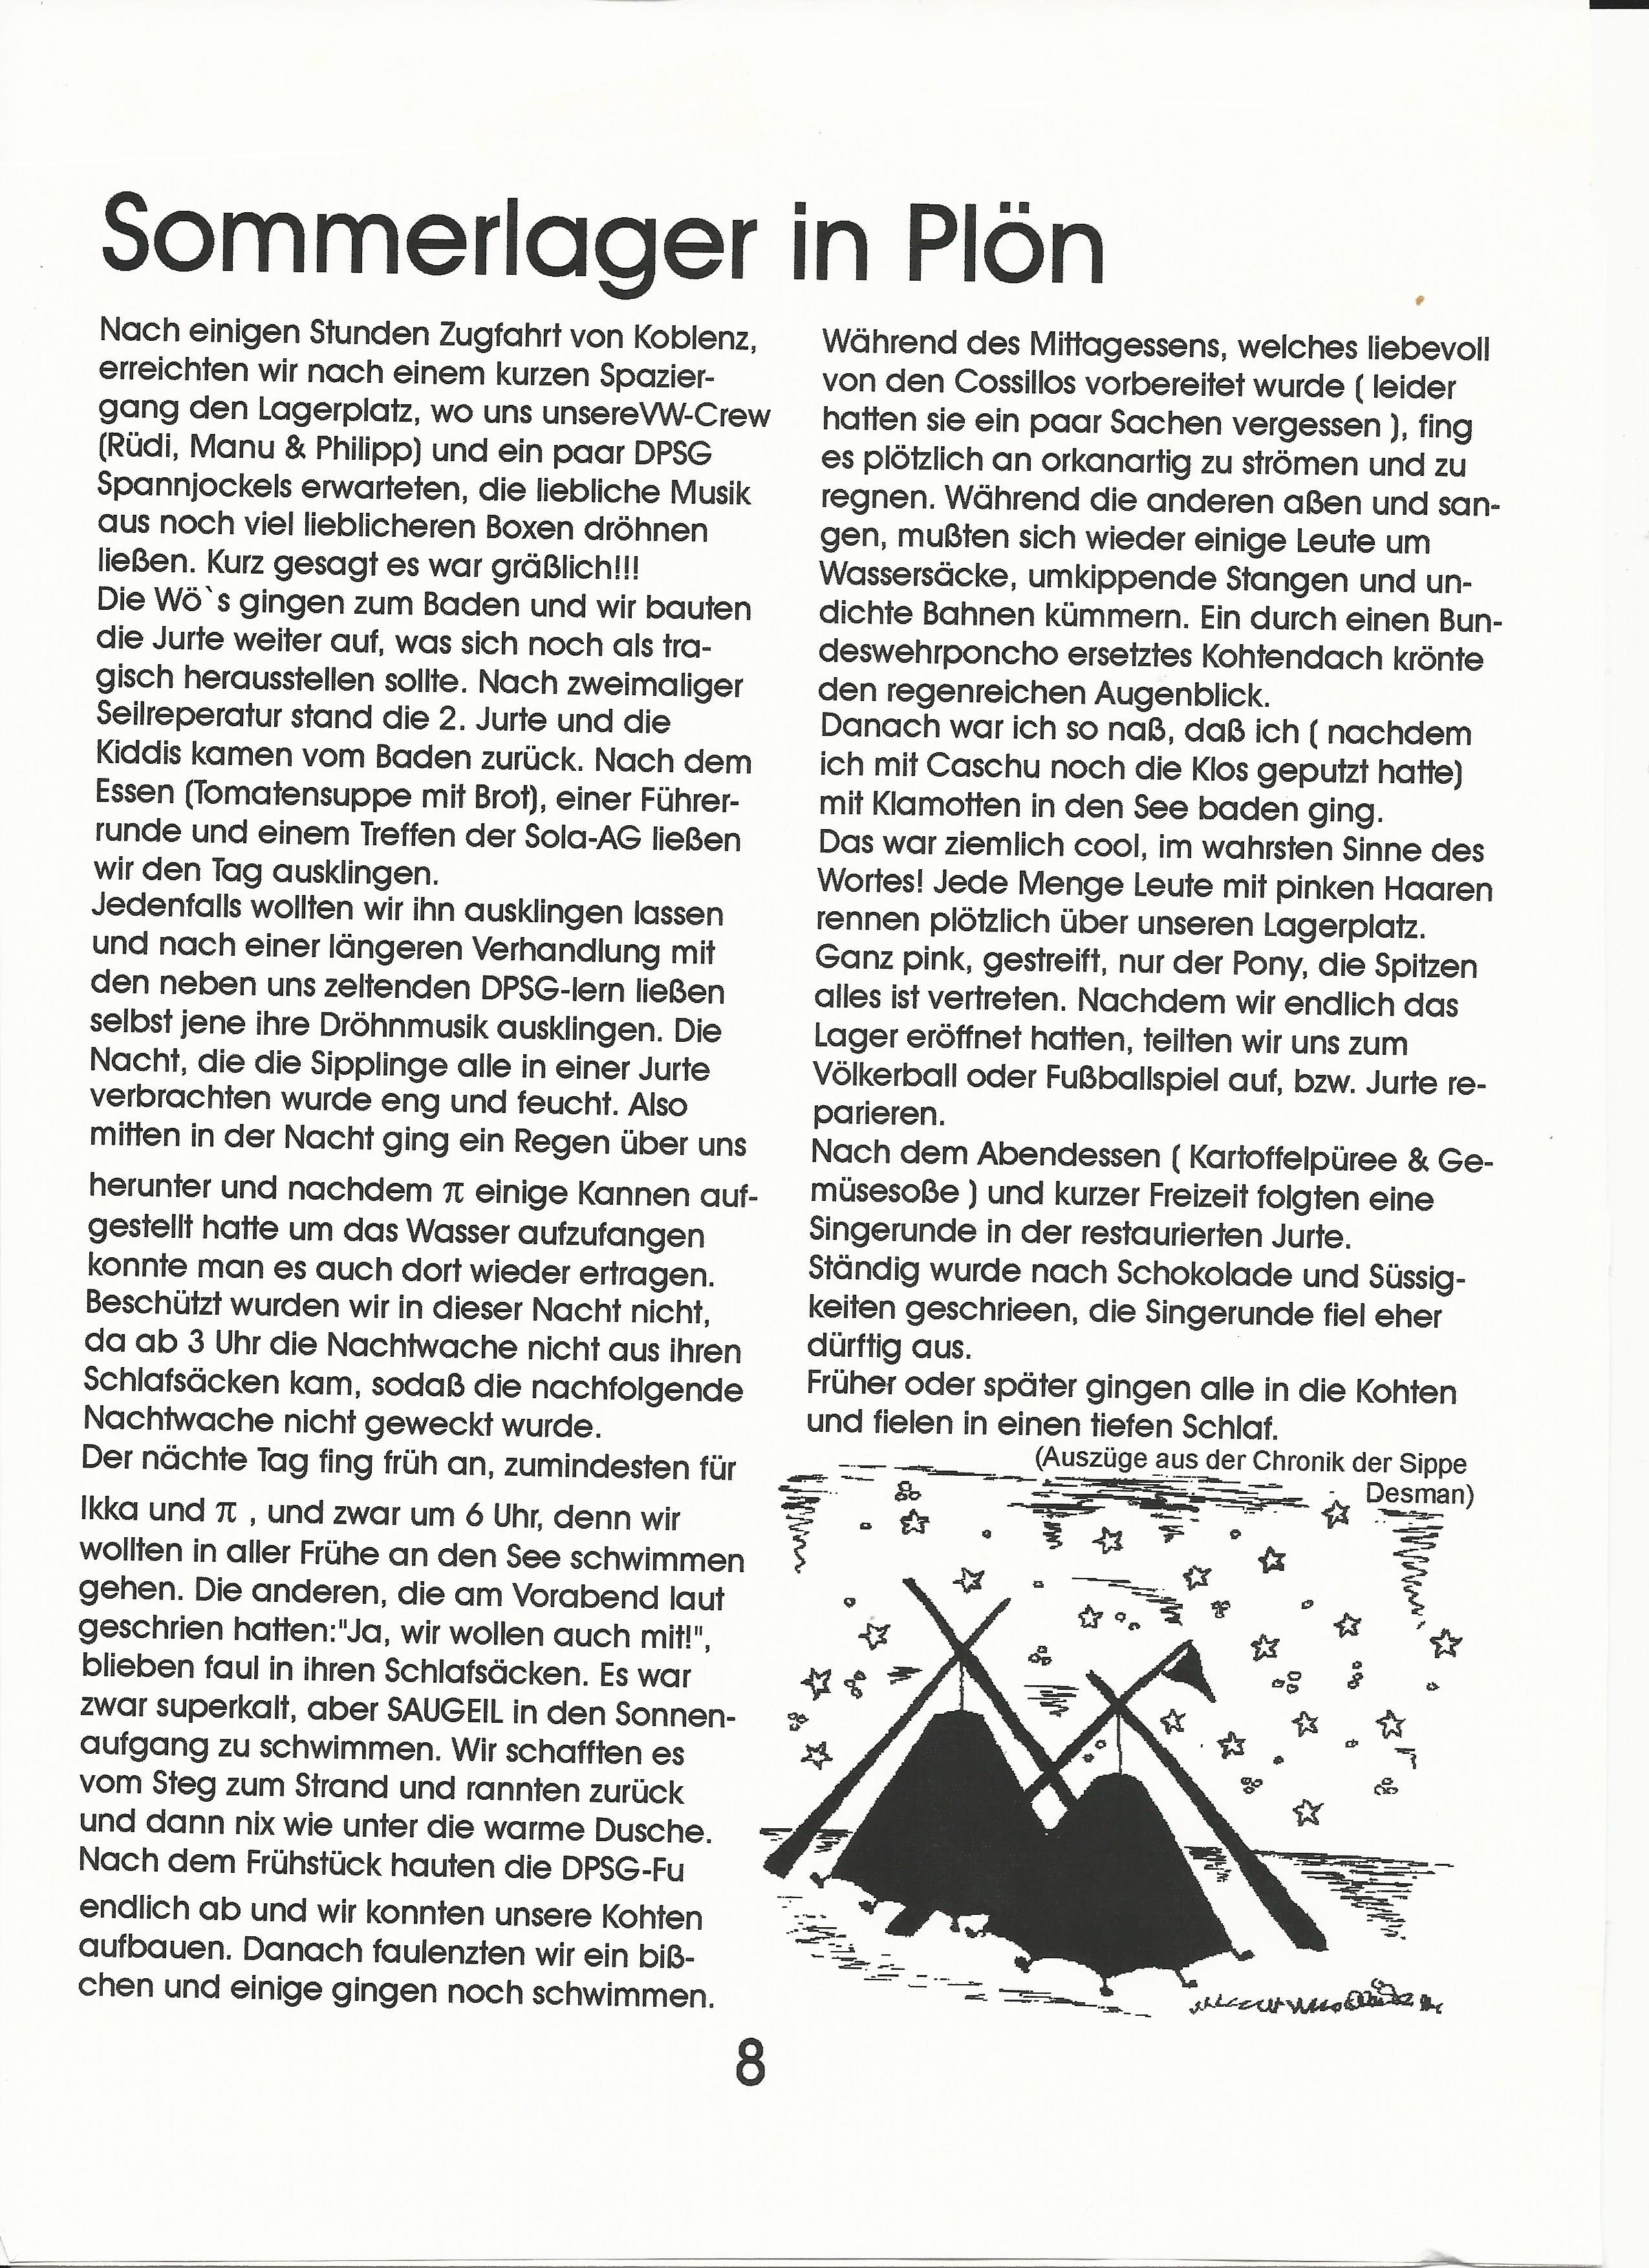 SoLa 1998 Plön